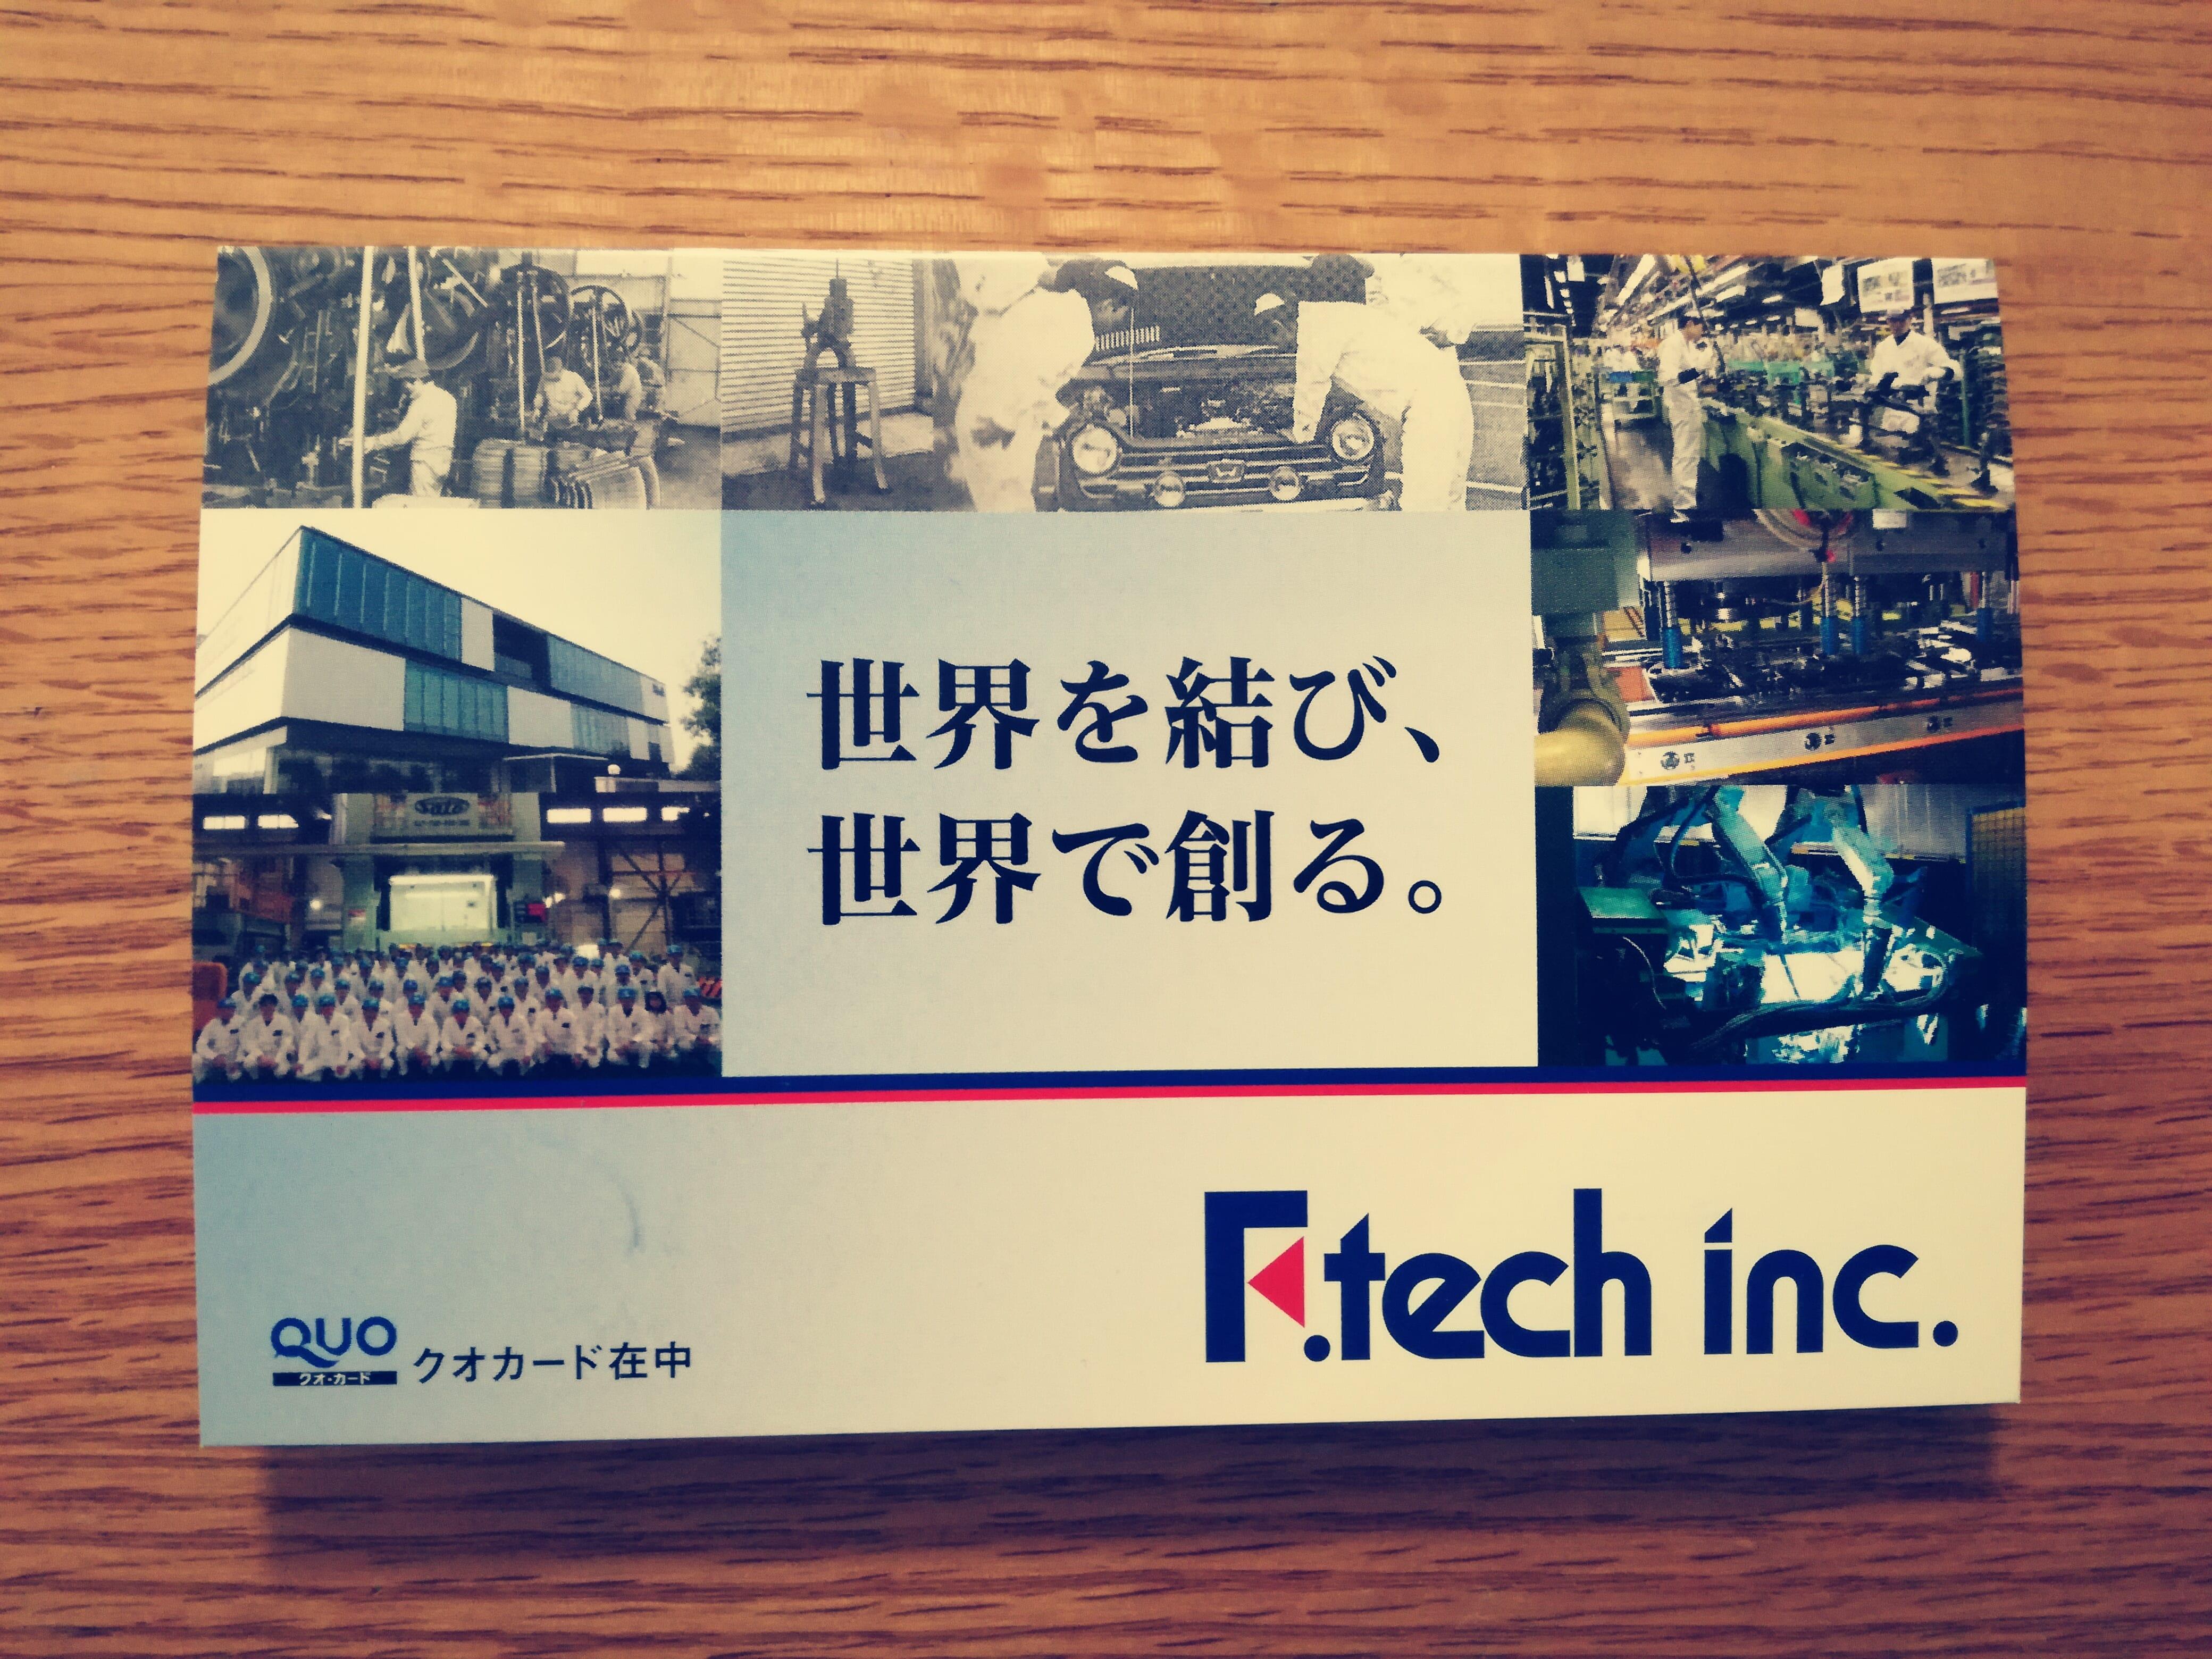 エフテック(7212)から株主優待クオカード1,000円分が到着!